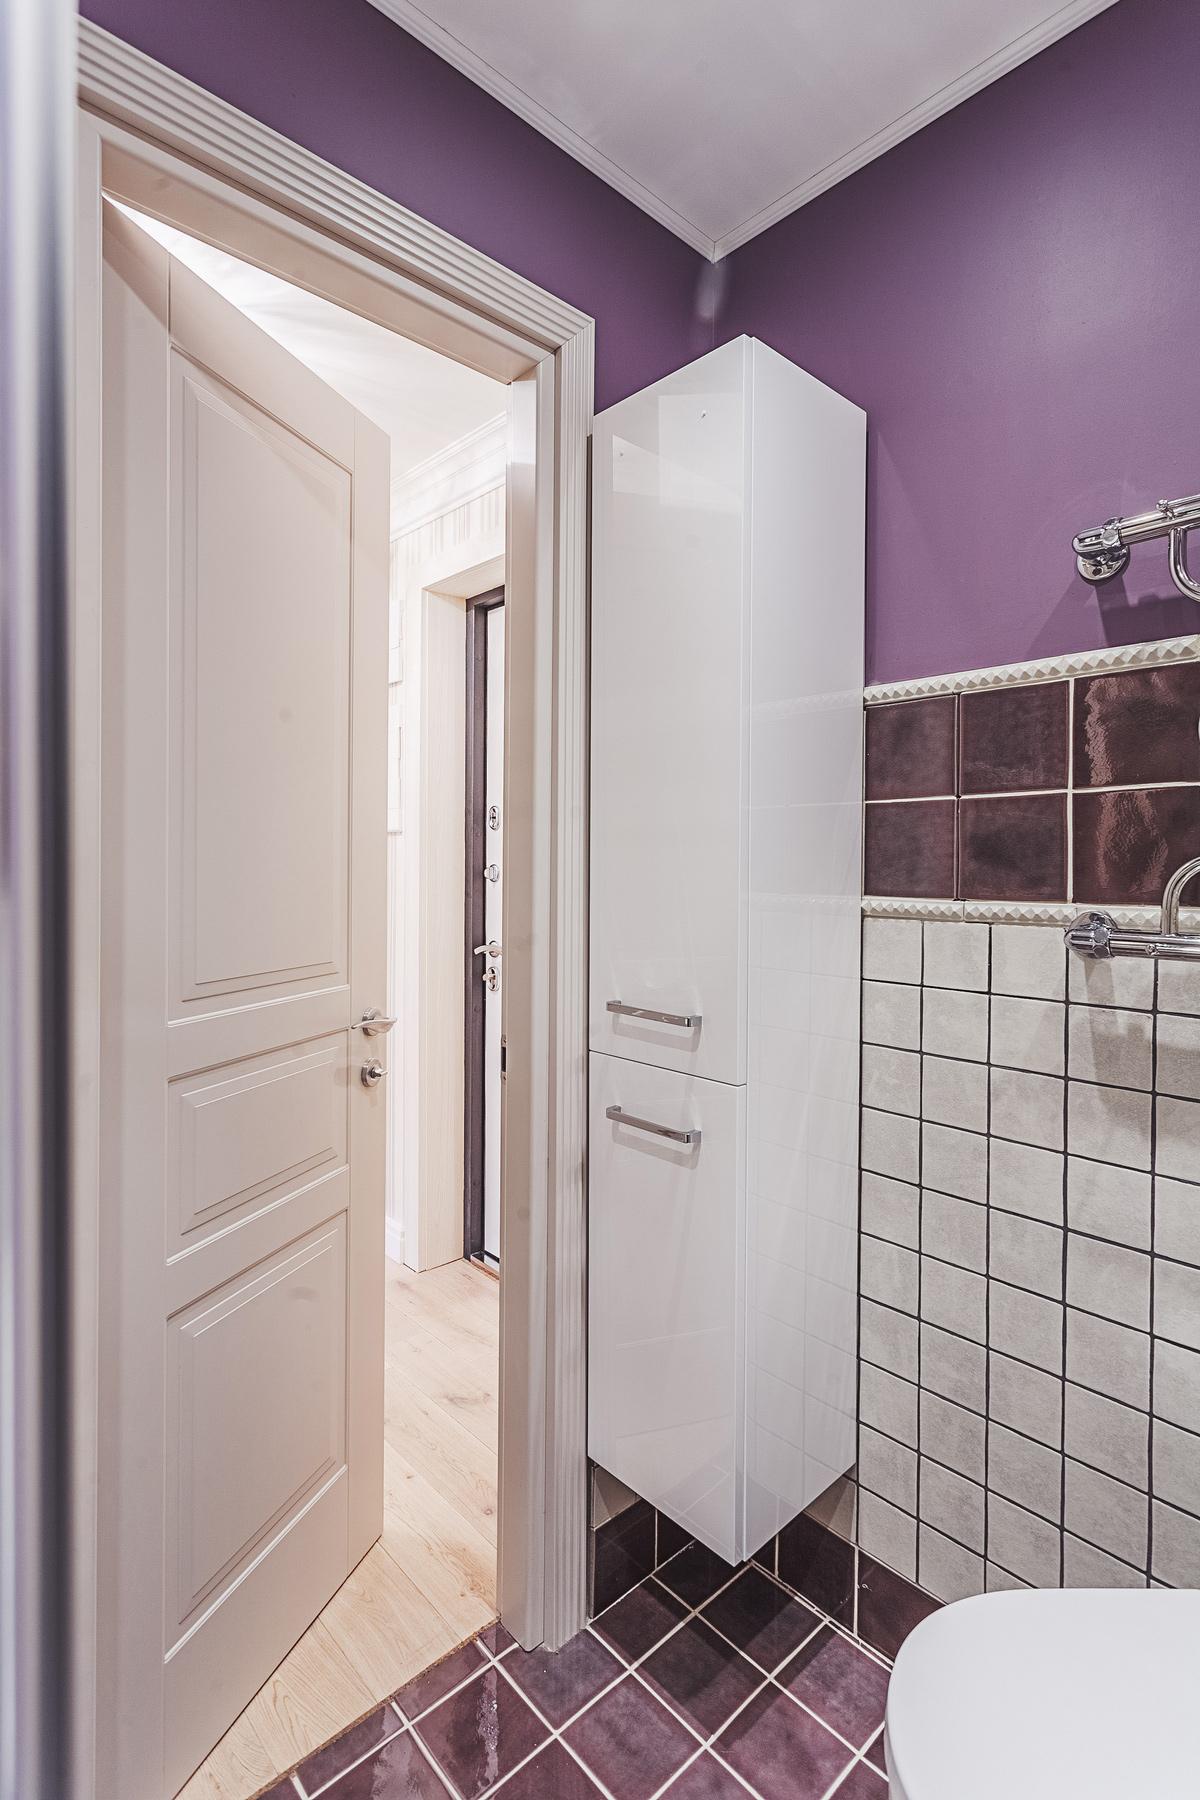 Идея для маленькой ванной комнаты - навесные шкафы